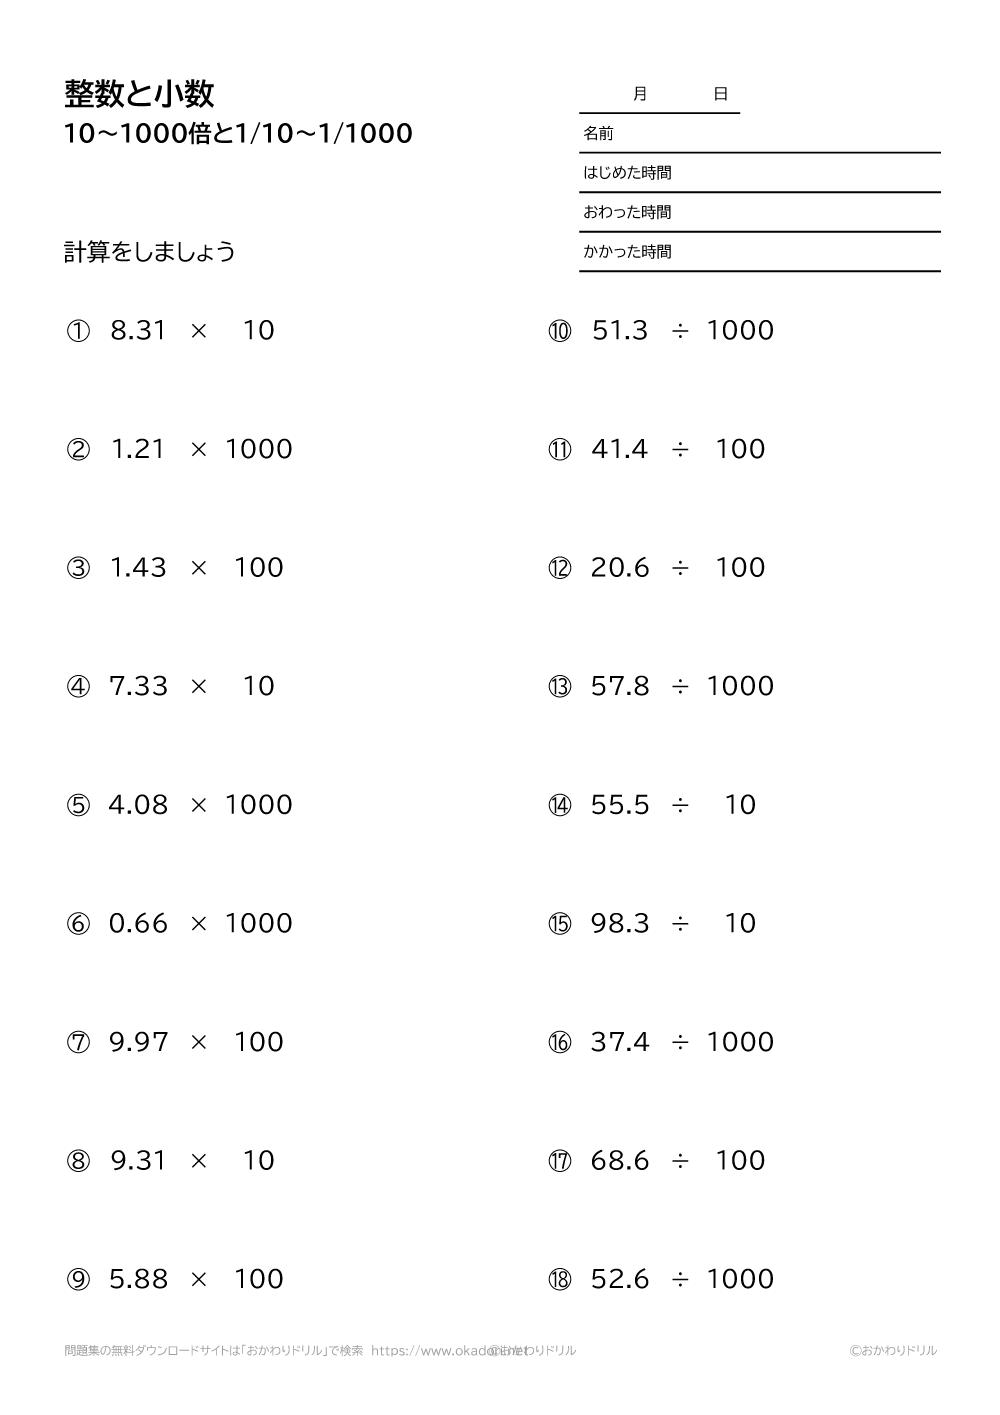 整数と小数-小数の位と小数点の位置-5